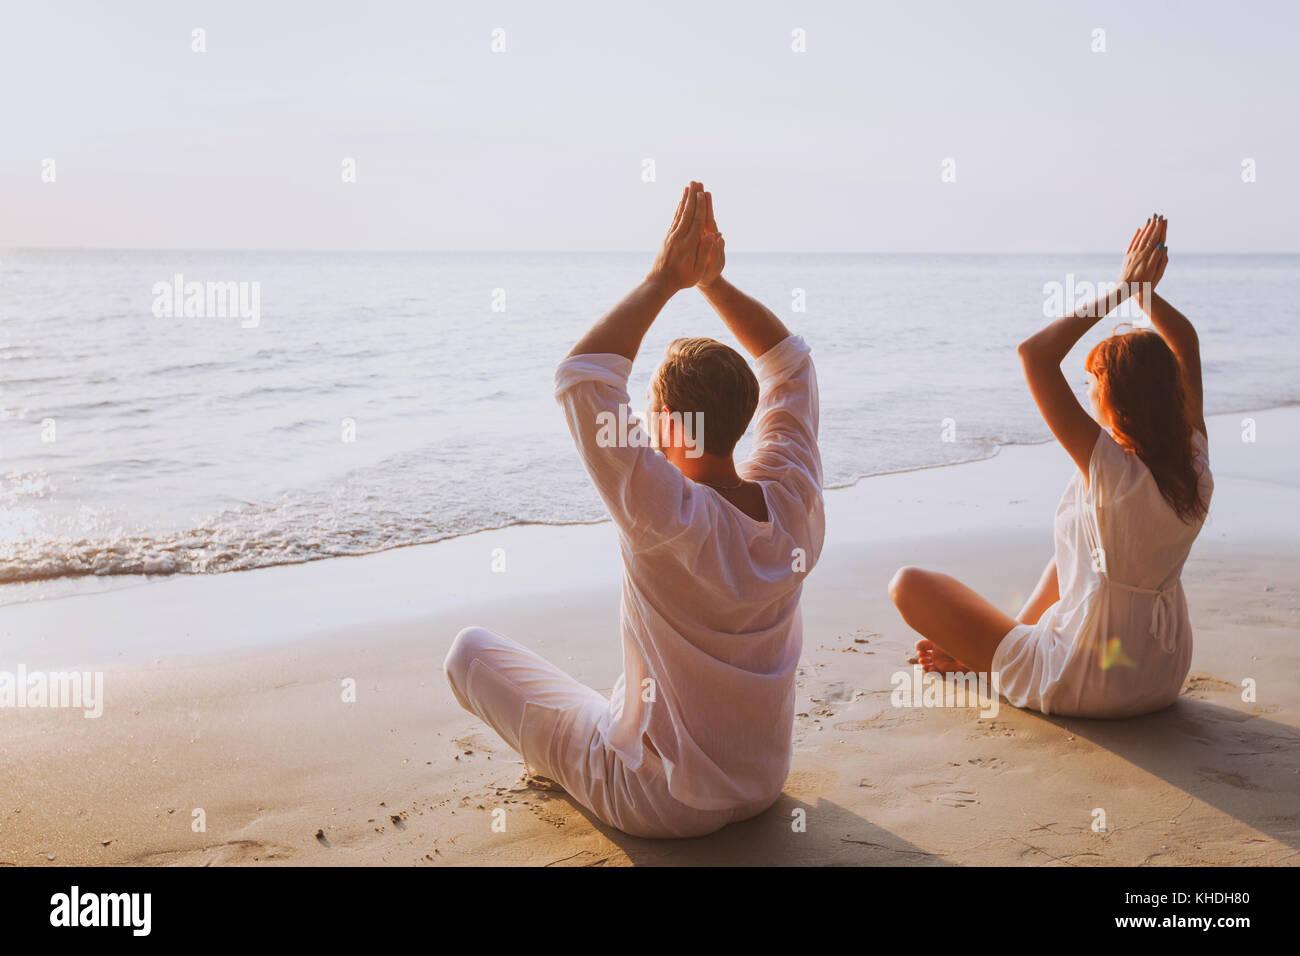 La méditation de groupe, yoga sur la plage au coucher du soleil Photo Stock